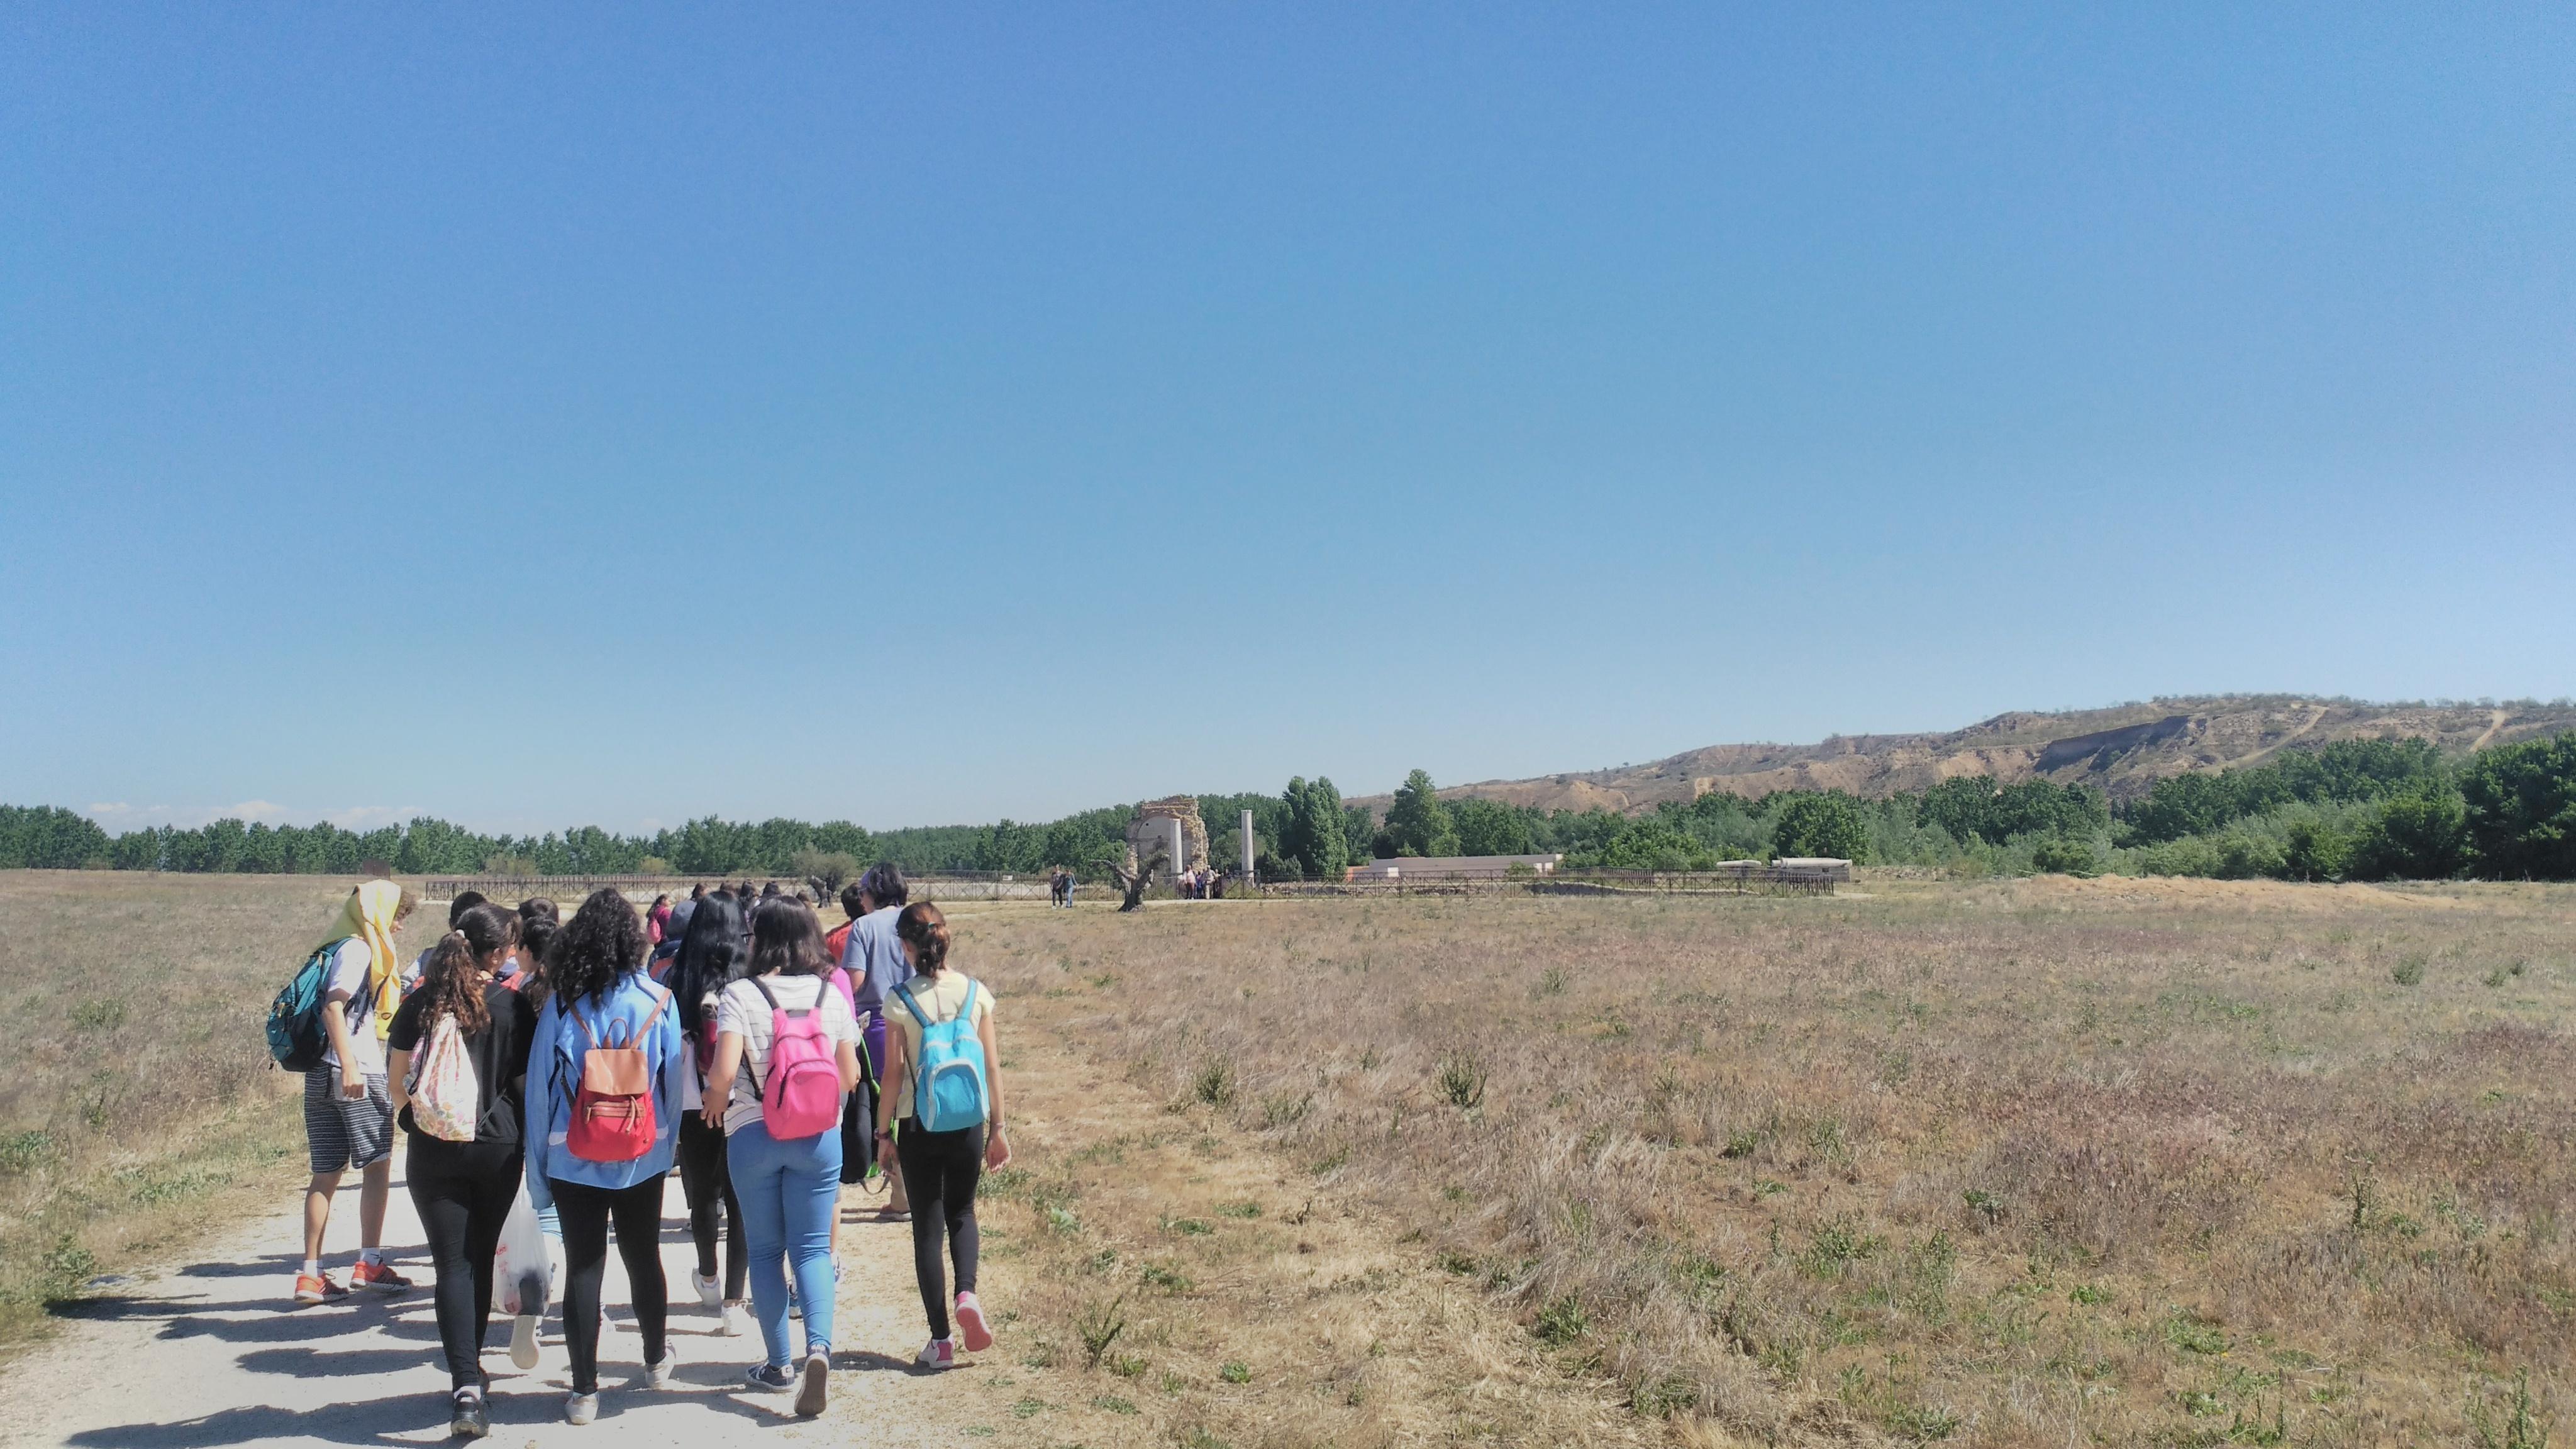 Parque arqueológico de Carranque. 1º ESO. 3 Mayo 2017 4